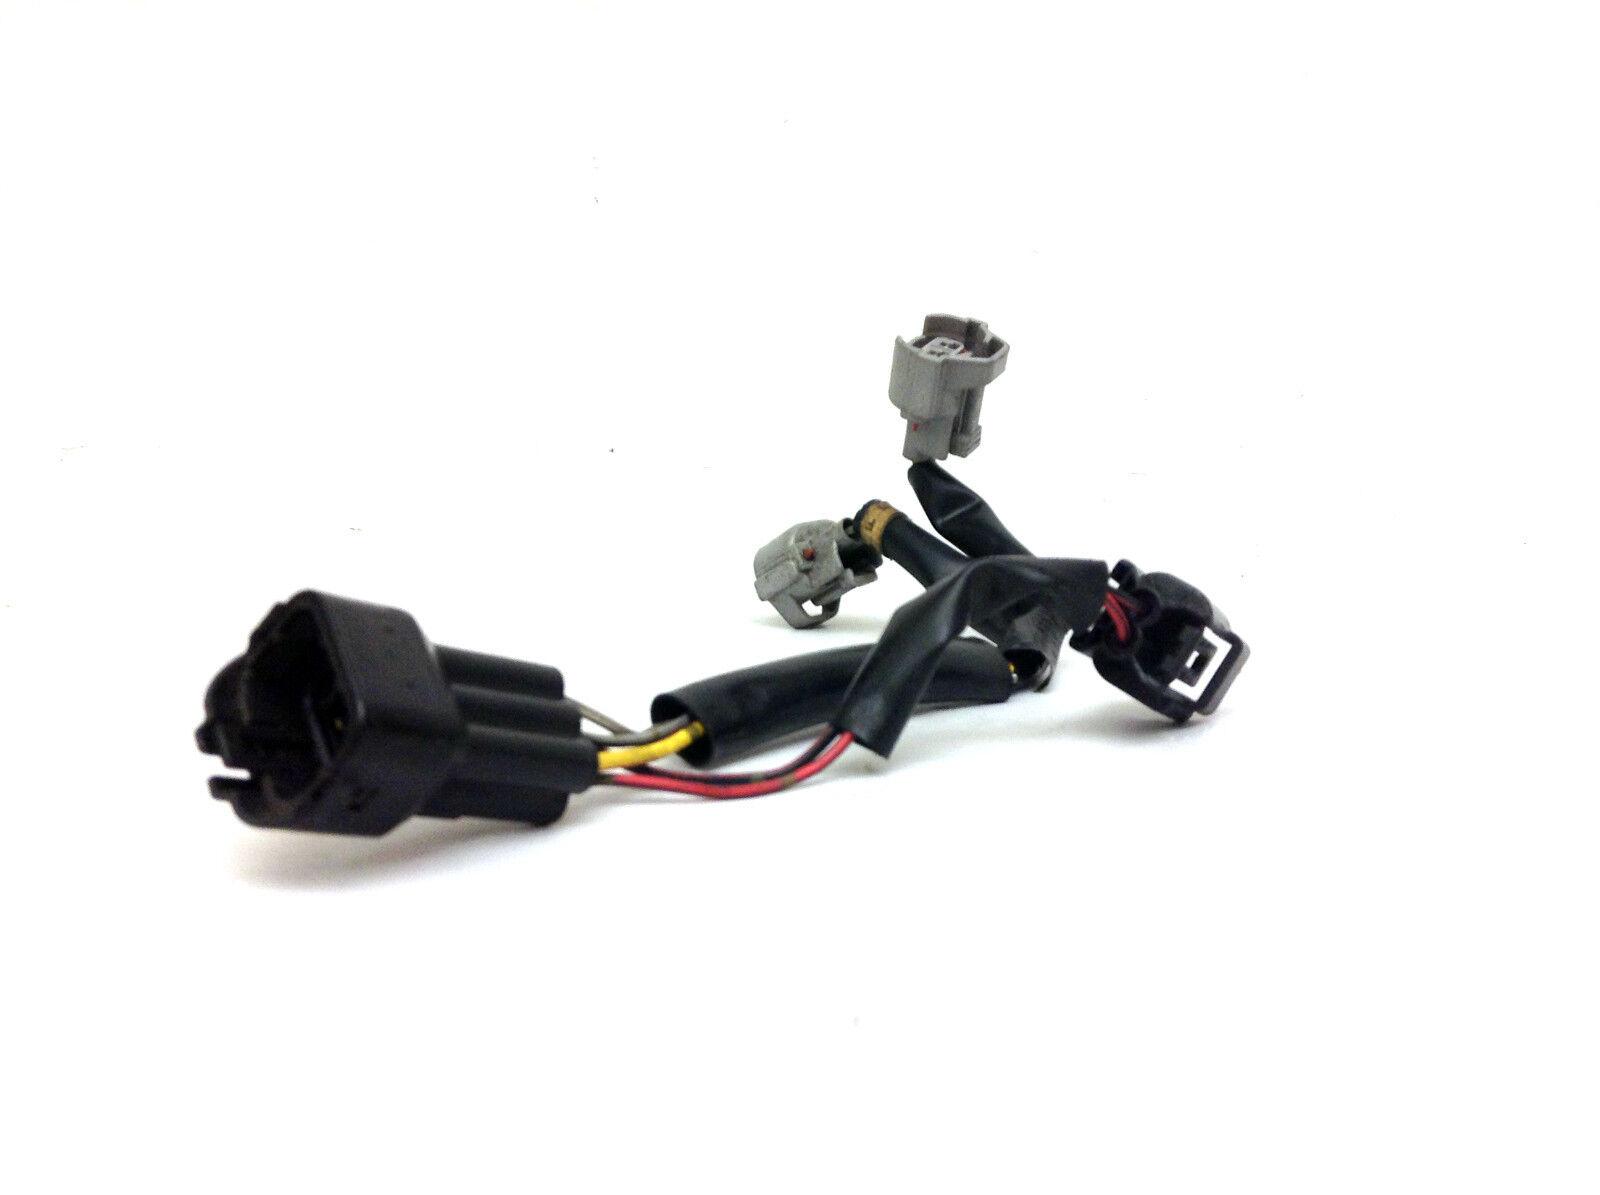 sv650 k4 wiring diagram - dolgular, Wiring diagram